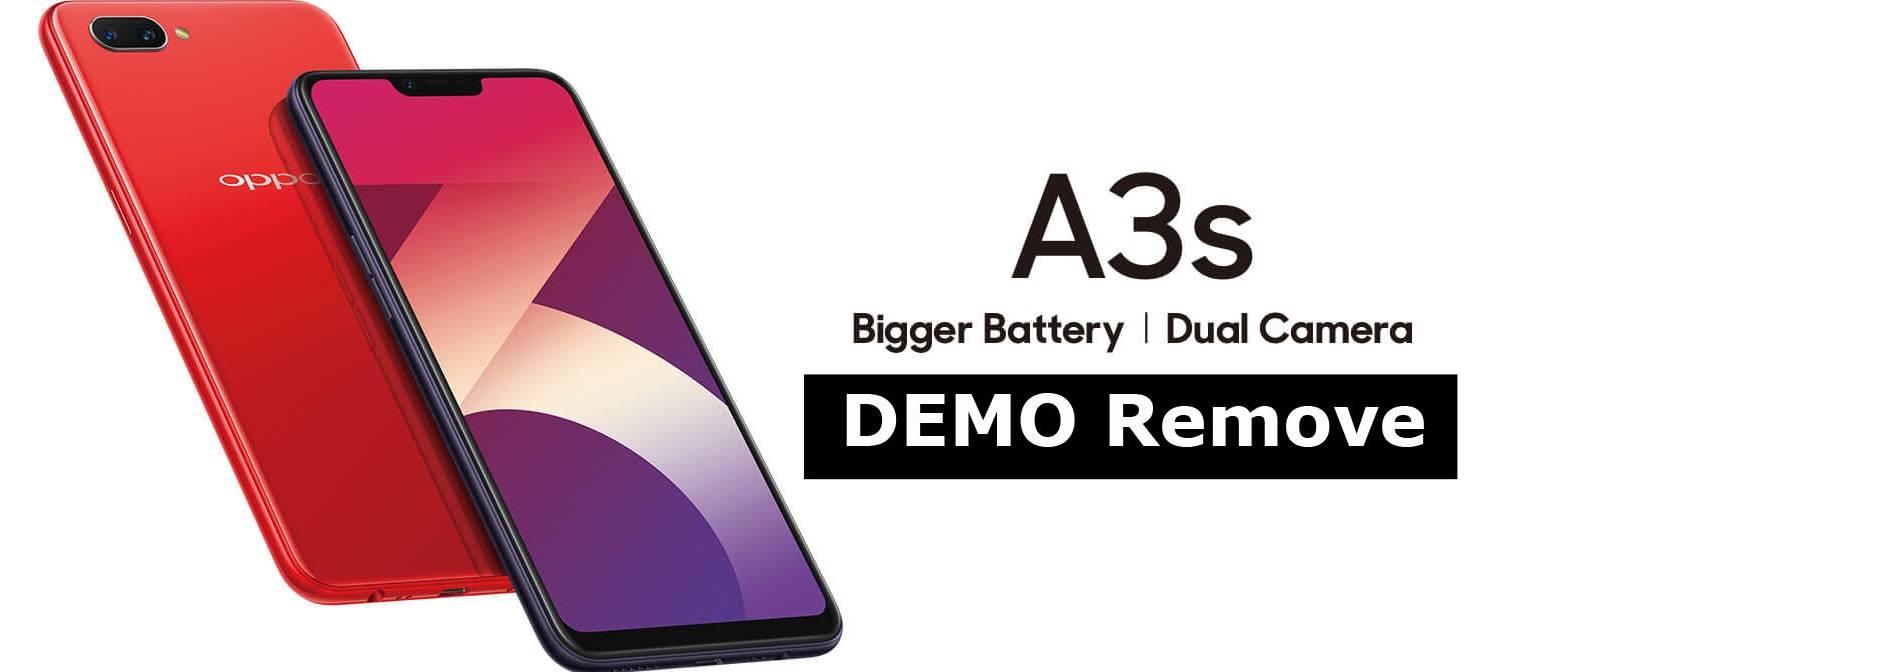 Oppo A3S Demo Remove (Screen Lock Remove) (Paid Service